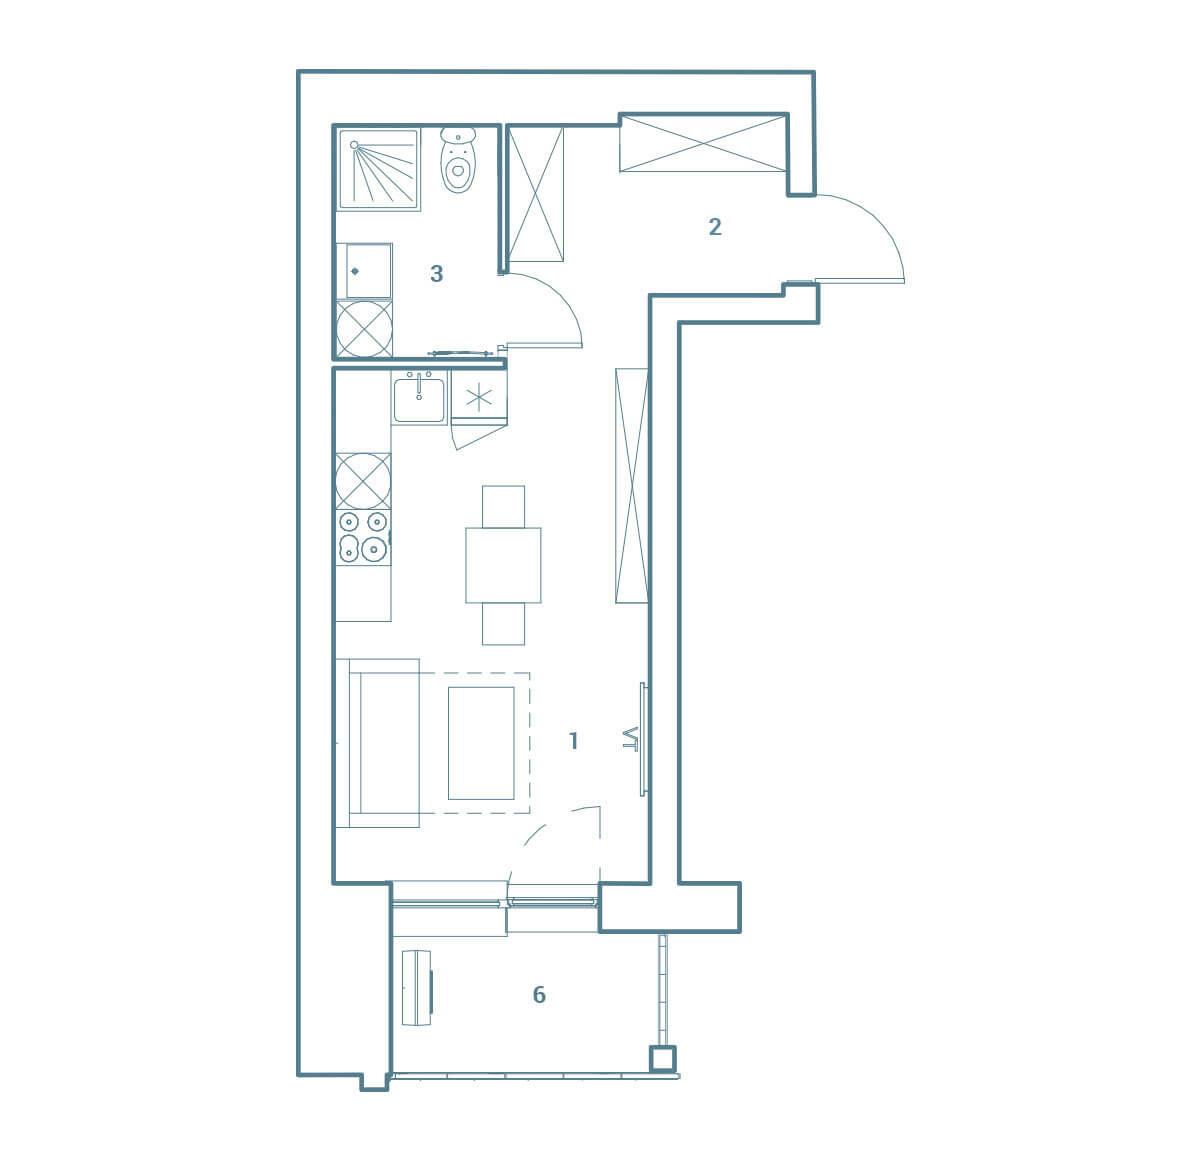 parduodamas butas Lazdynėlių g. 16C - 44  Vilniuje, buto 2D vaizdas